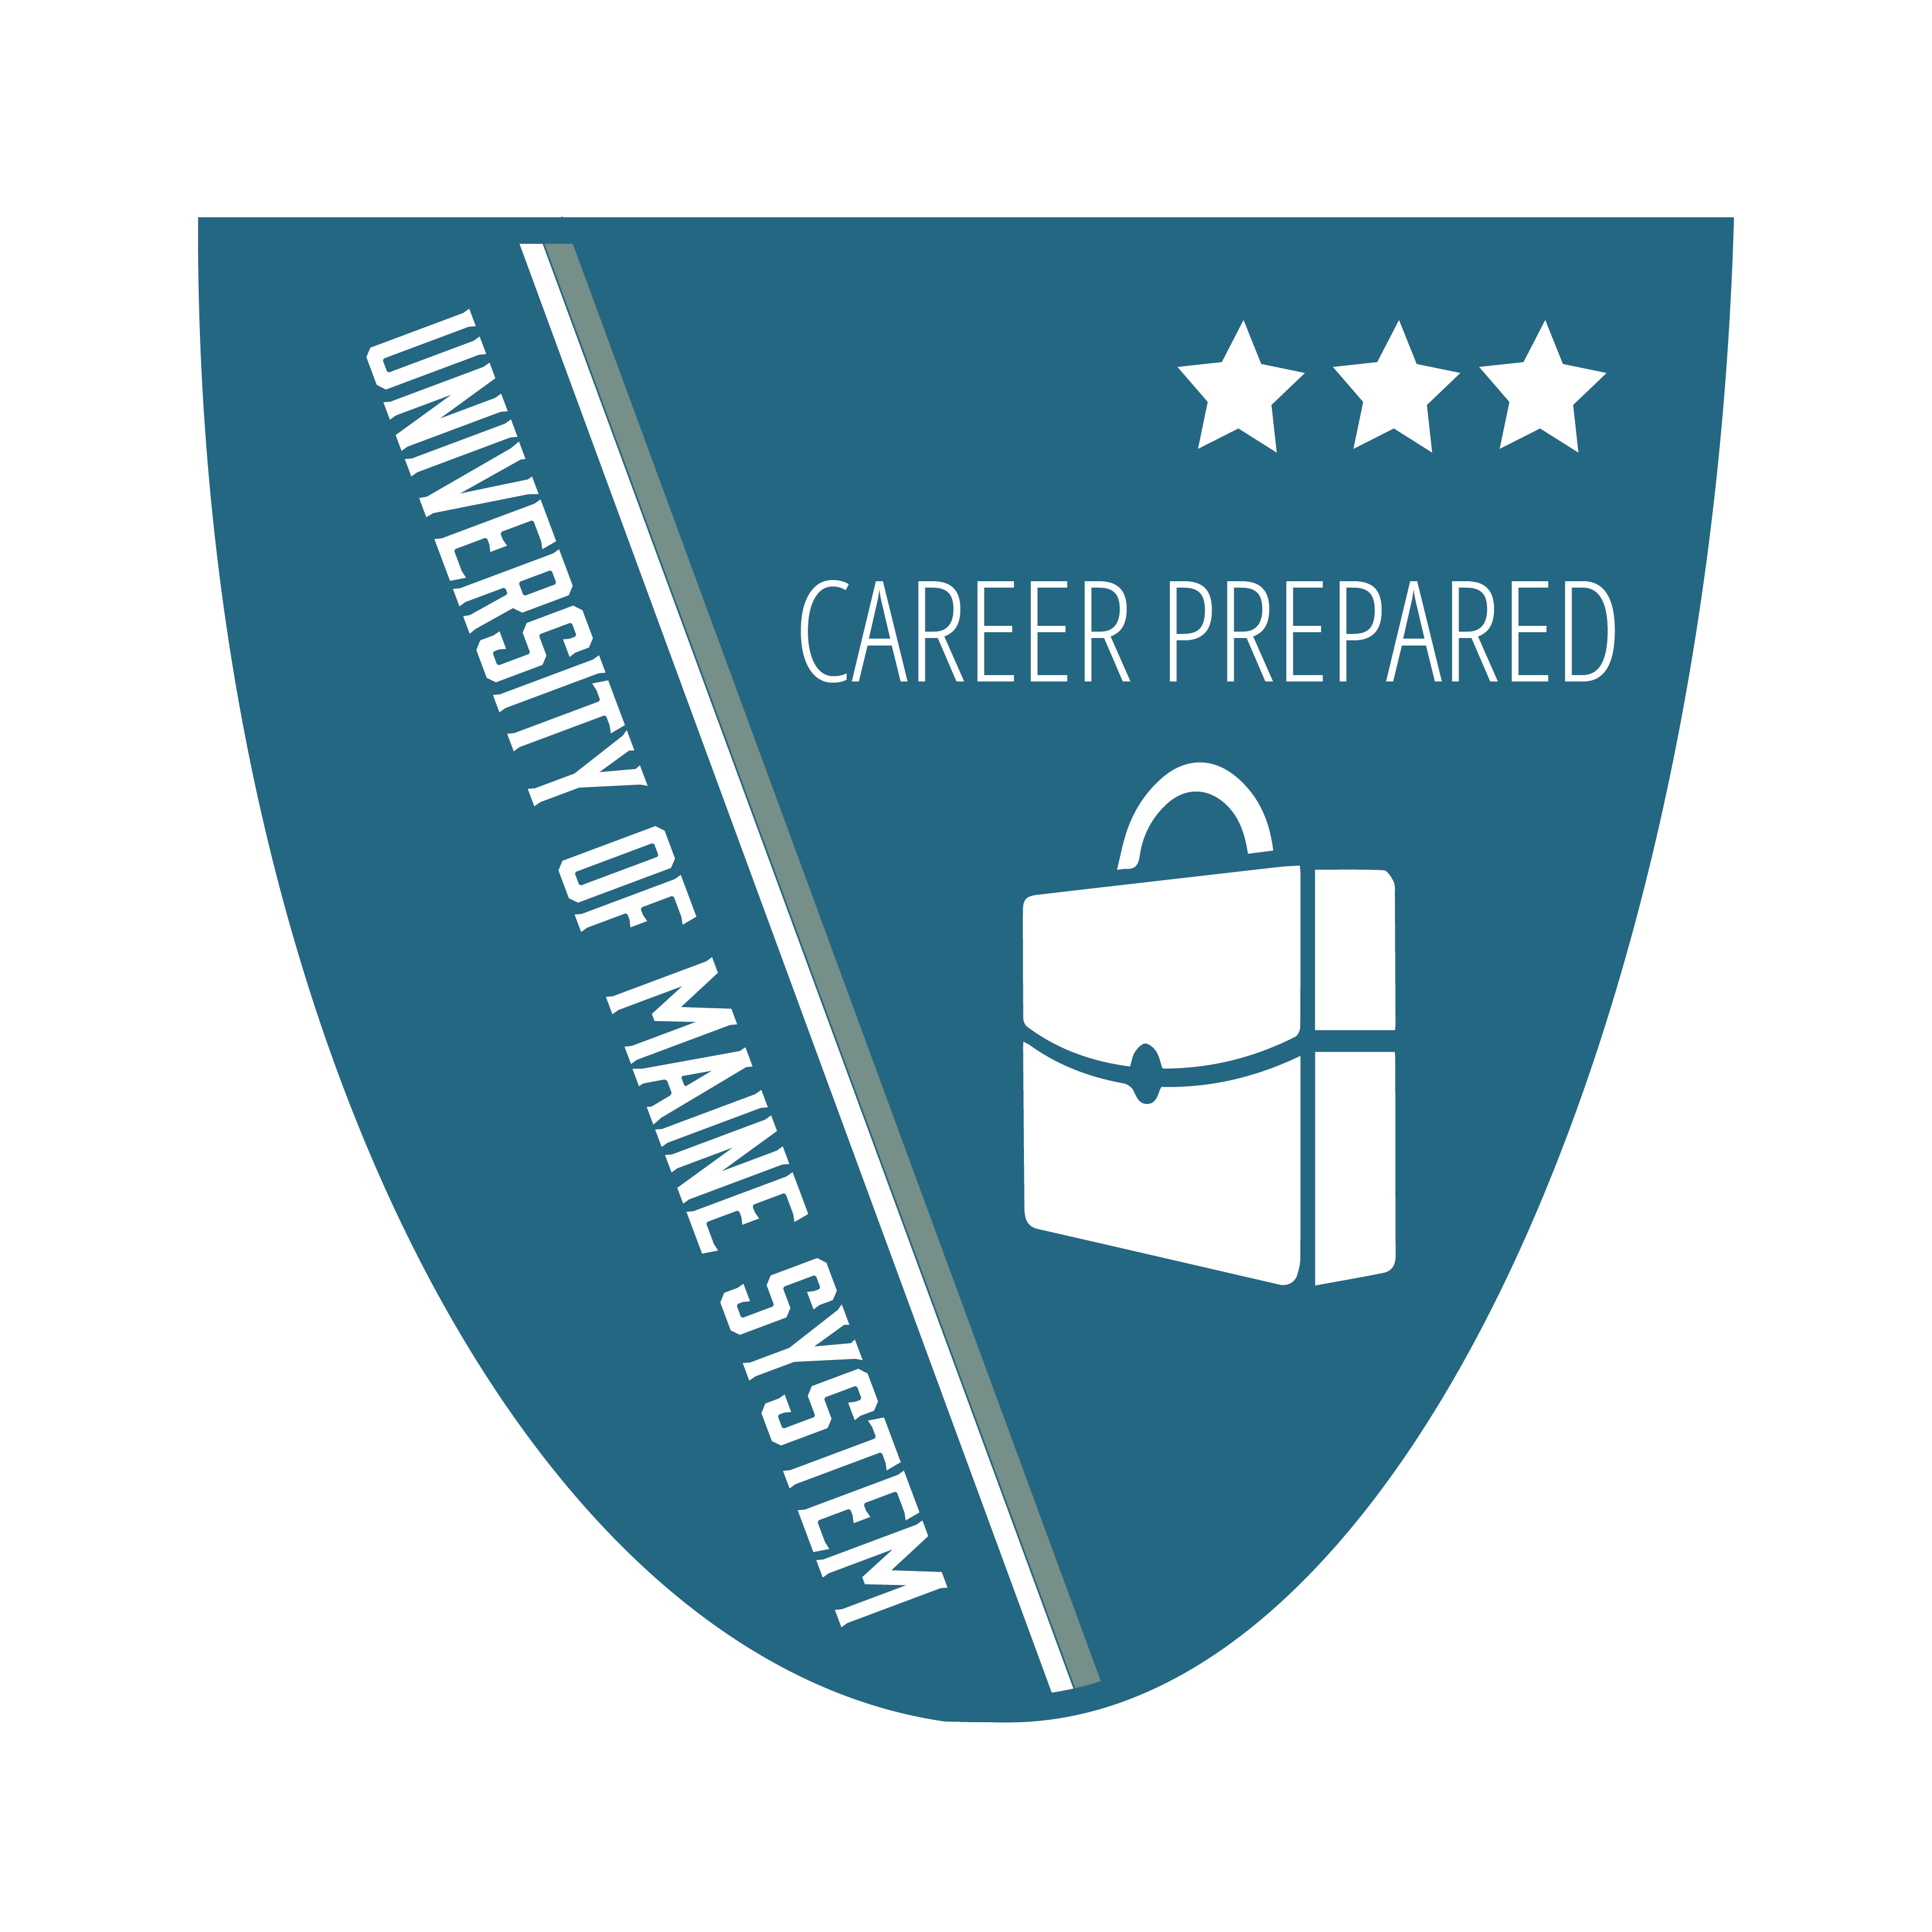 Pathway Badges Career Prepared